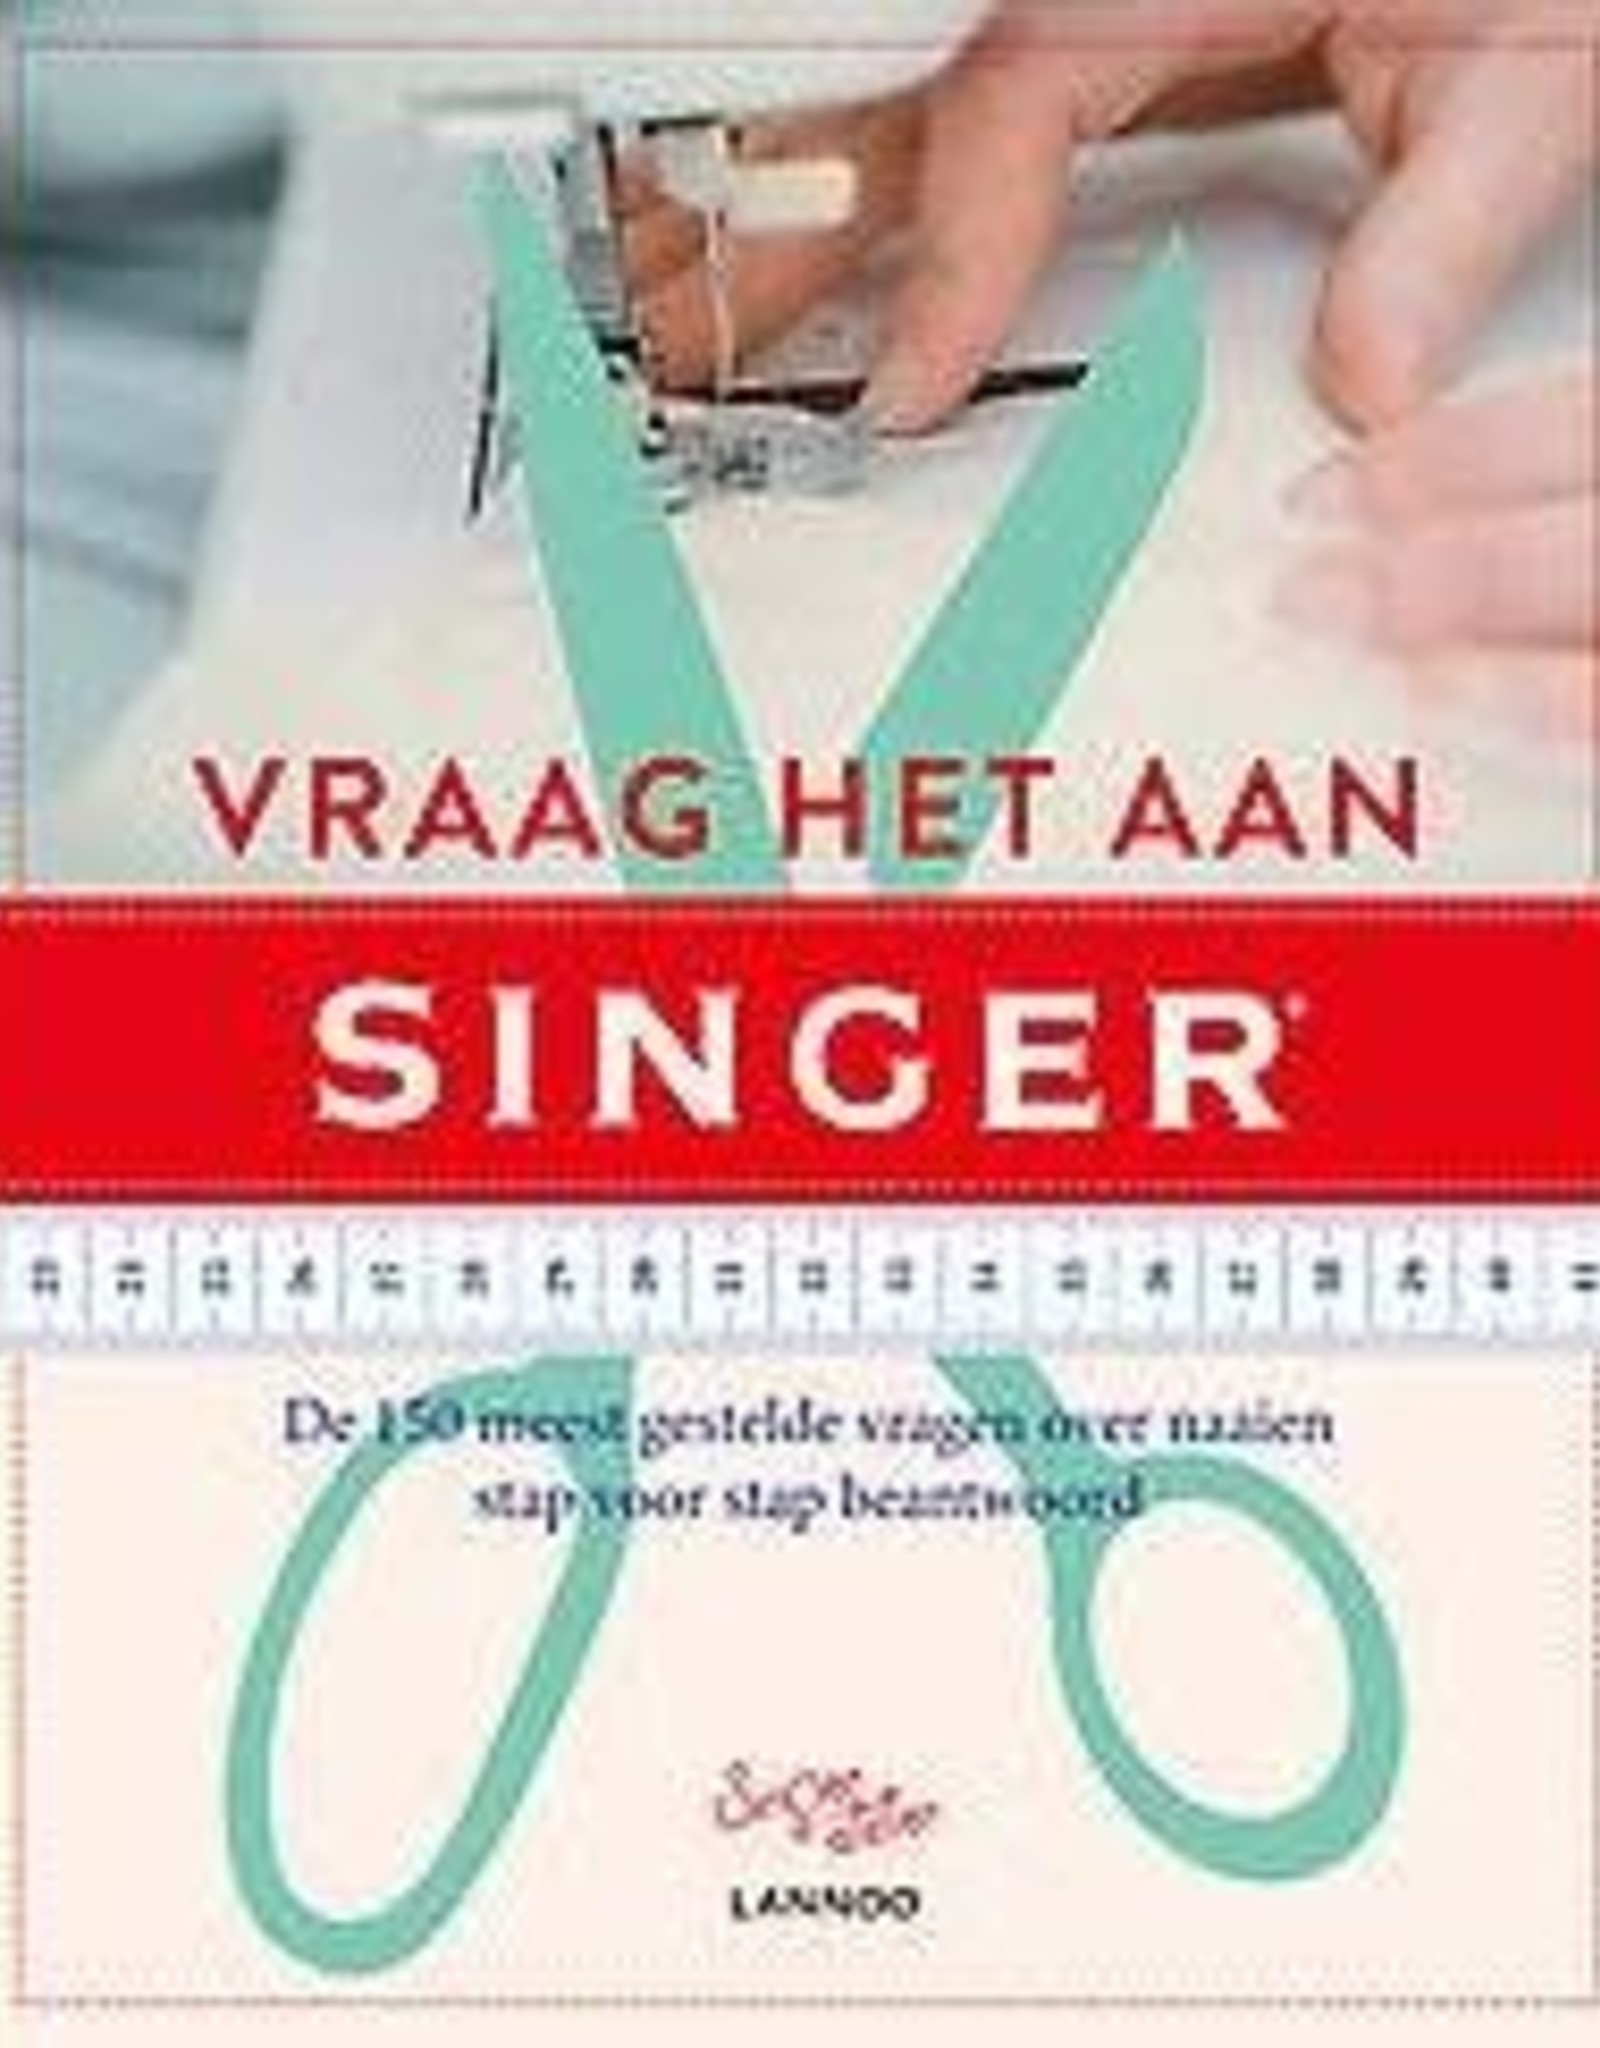 Naaiboek vraag het aan singer